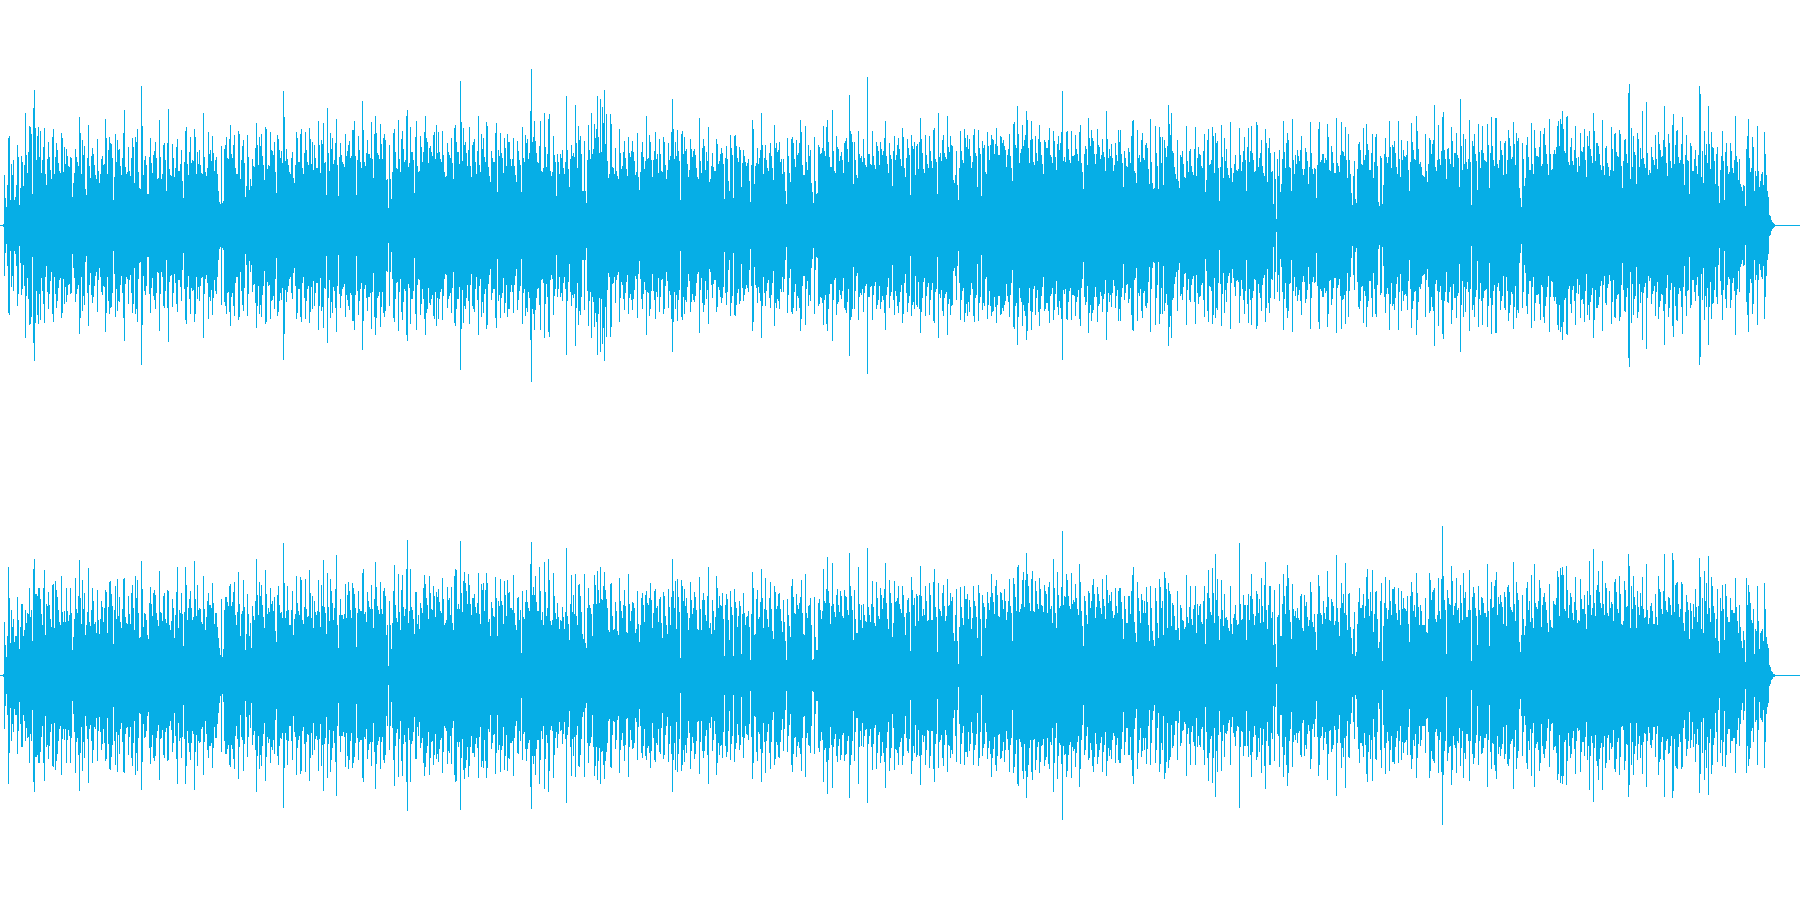 クラリネットの明るく陽気なBGMの再生済みの波形